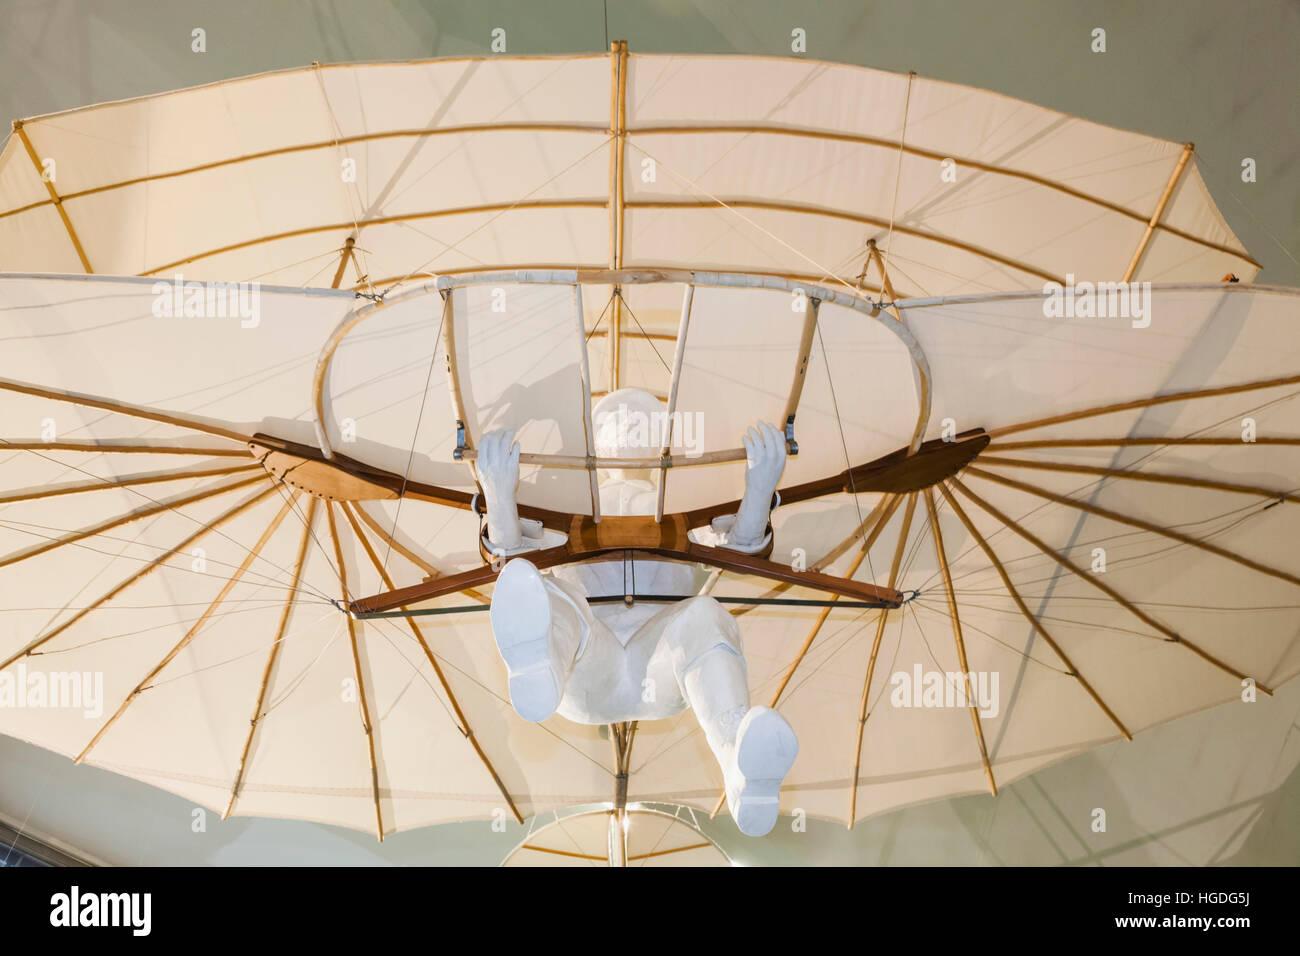 Germany, Bavaria, Munich, Deutsches Museum, Exhibit of Lilienthal Biplane Glider - Stock Image